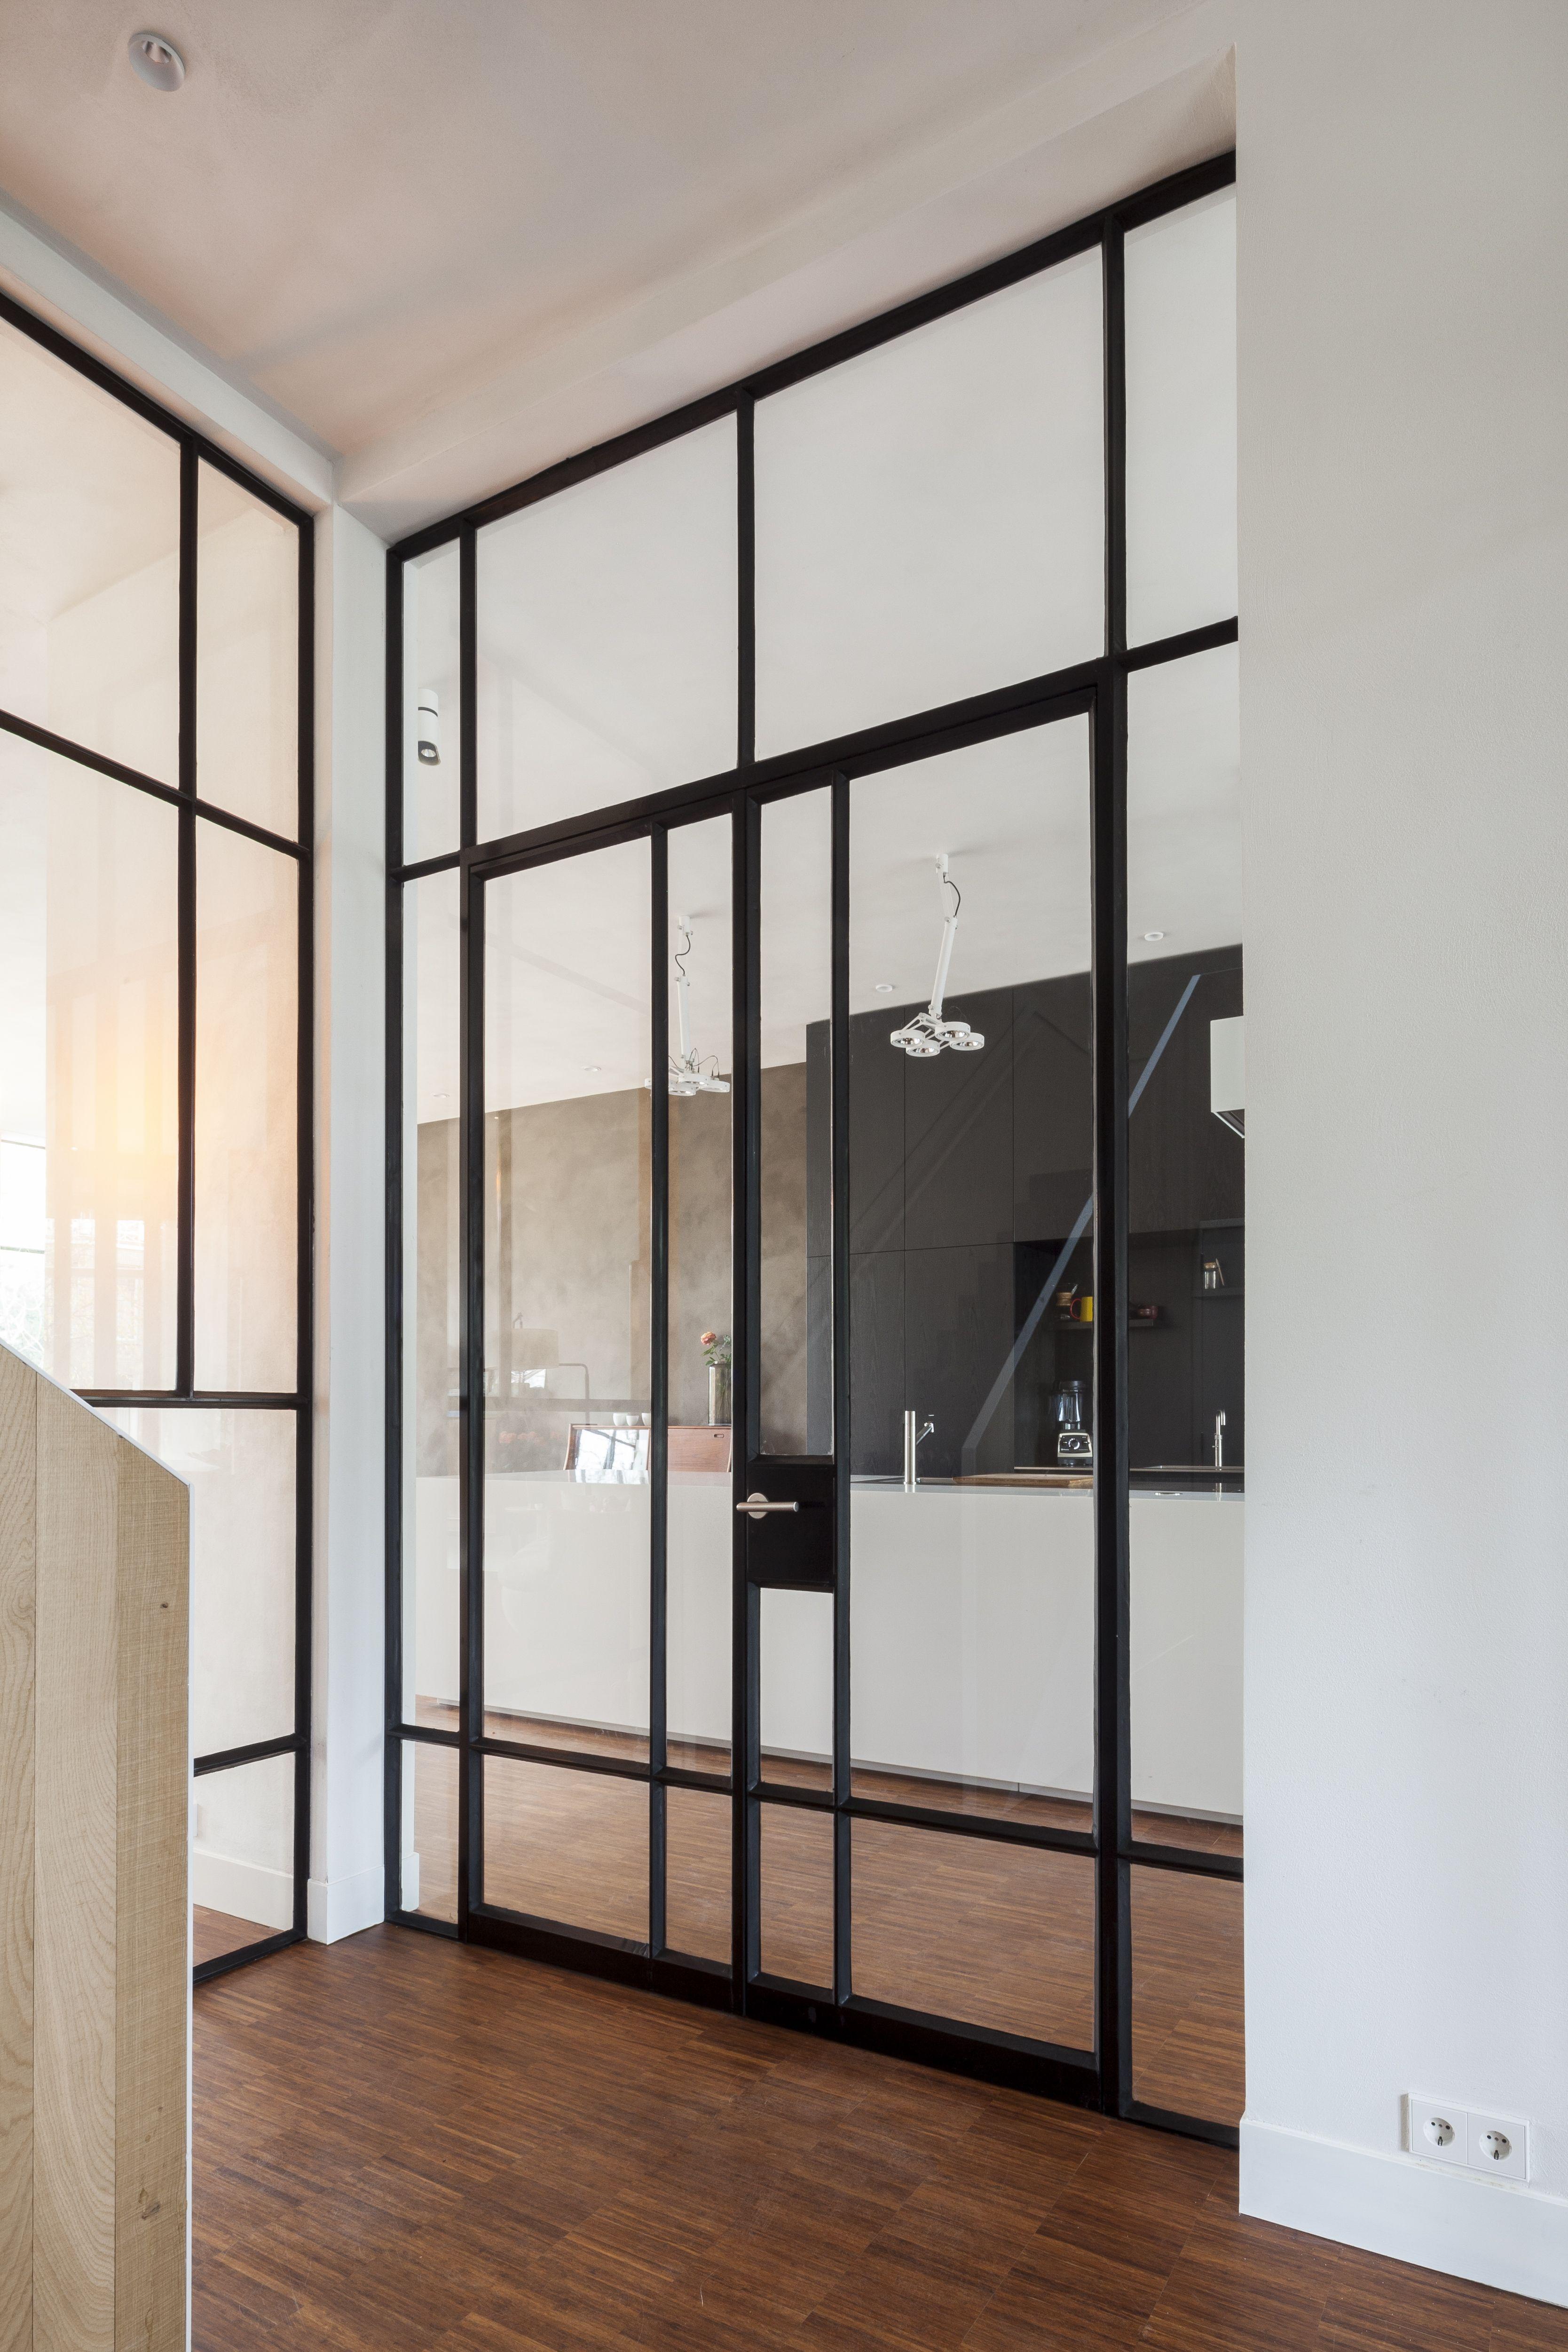 Ods art15 dubbele deur chassis murs vitr s porte acier et chassis vitr - Porte separation vitree ...